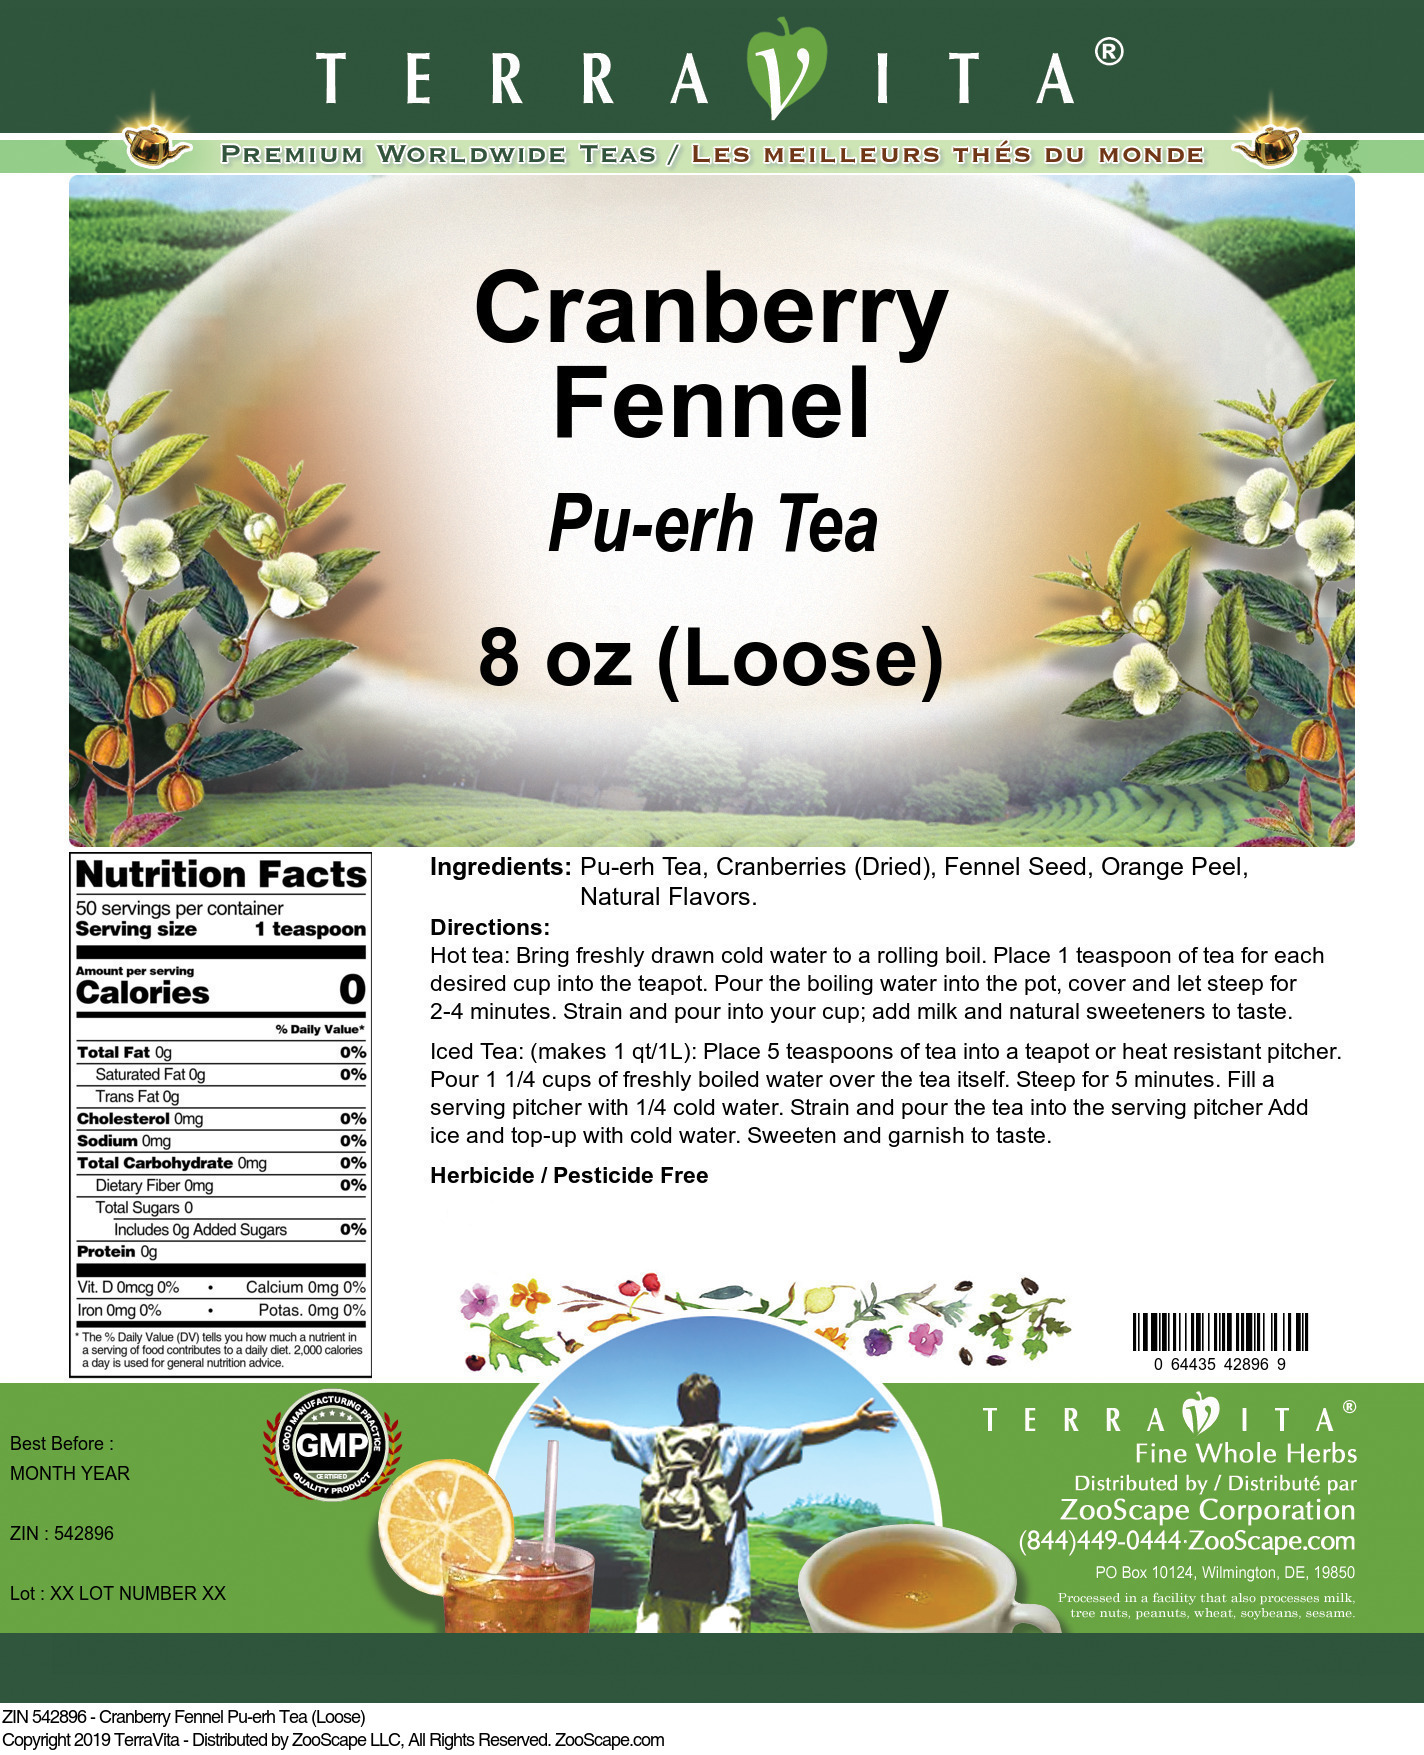 Cranberry Fennel Pu-erh Tea (Loose)